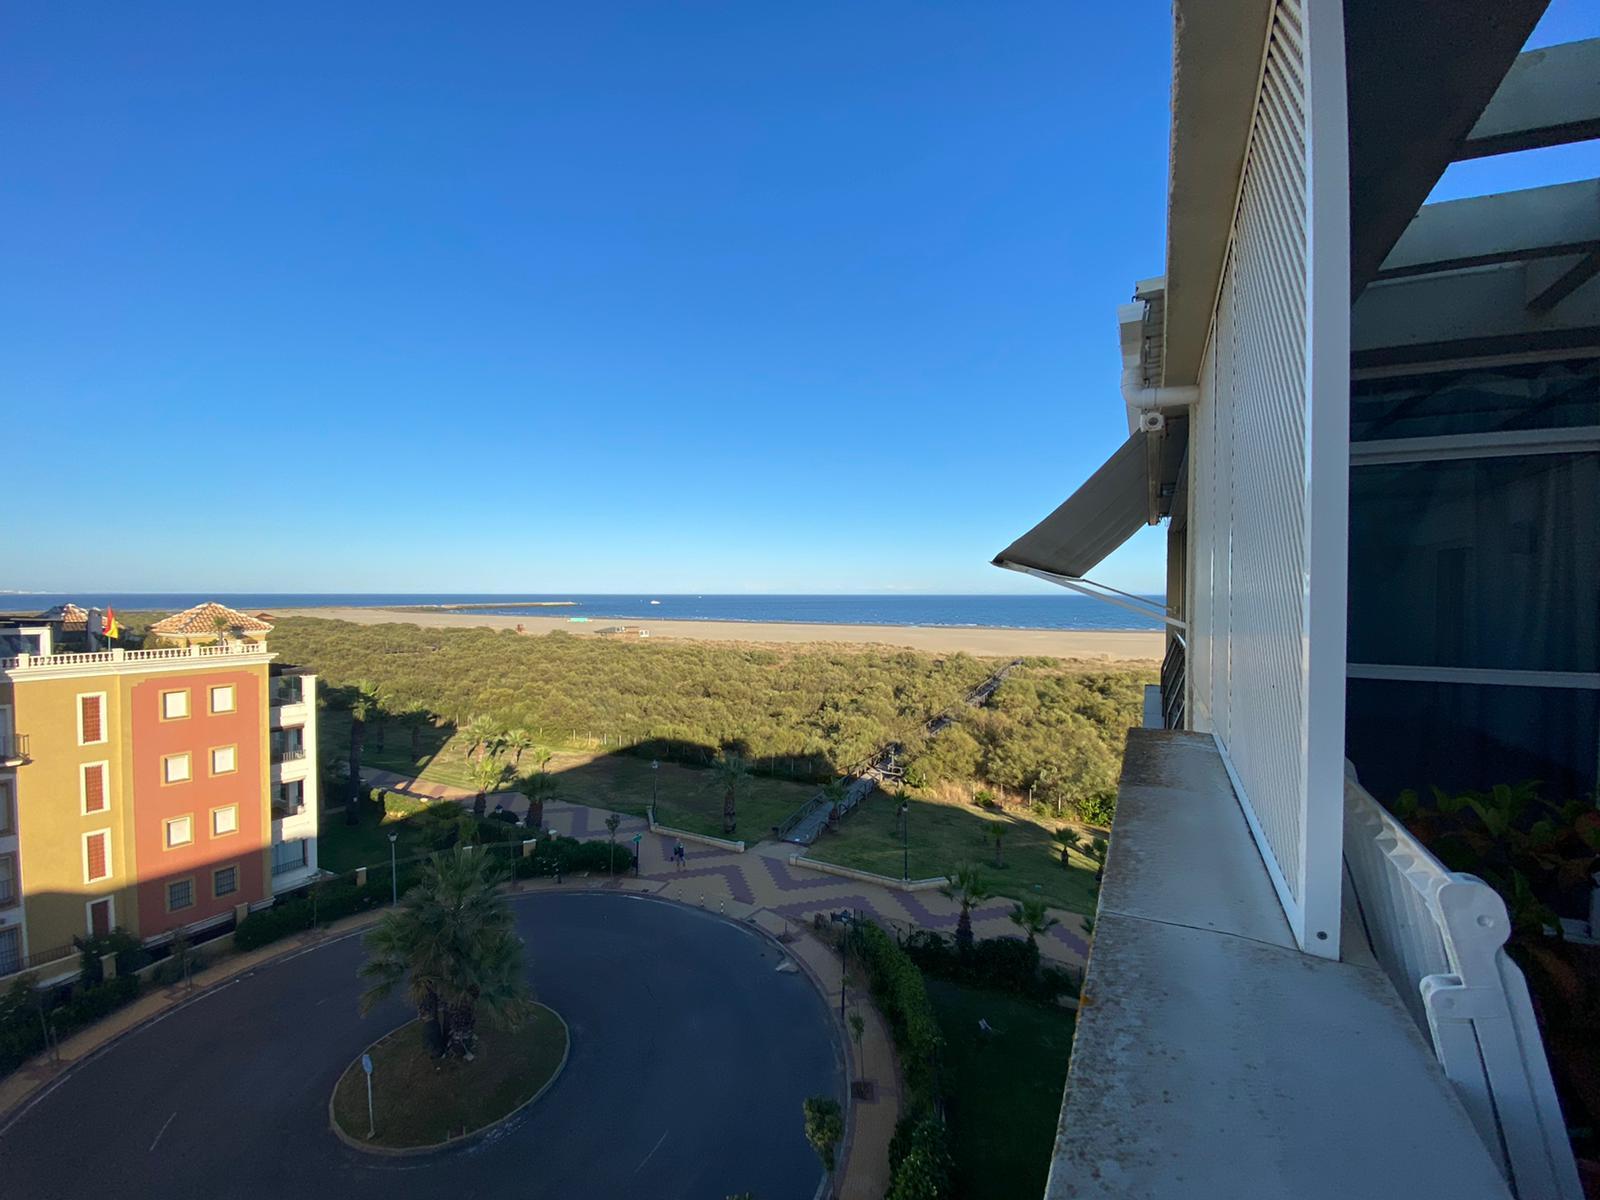 Imagen 35 del Apartamento Turístico, Ático 4 Levante, Frontal (4d+2b), Punta del Moral (HUELVA), Paseo de la Cruz nº22